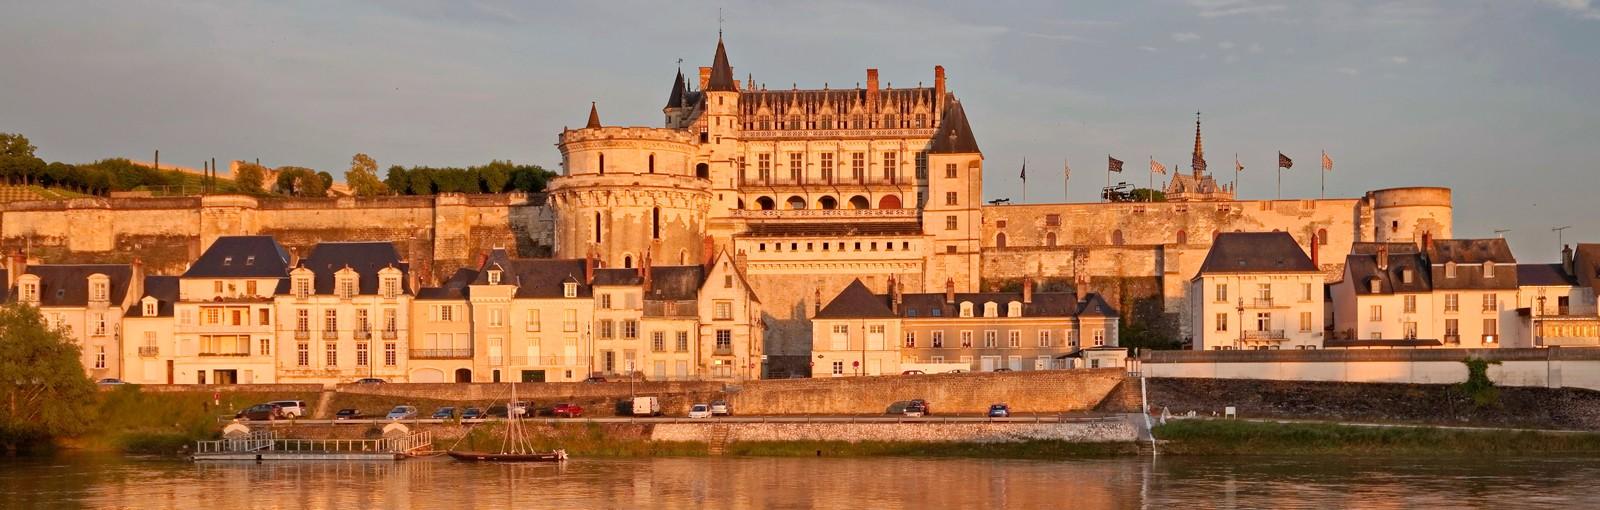 Tours Châteaux de la Loire et Normandie - Multi-régions - Circuits au départ de Paris